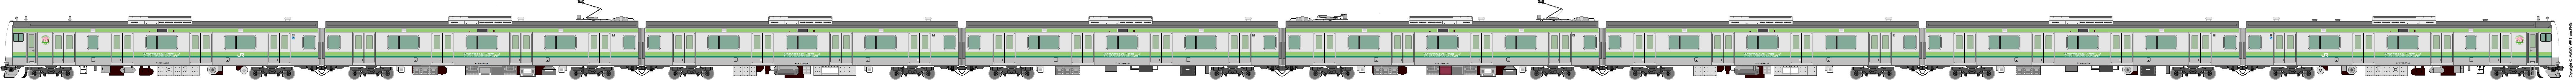 [5396] 東日本旅客鉄道 5396